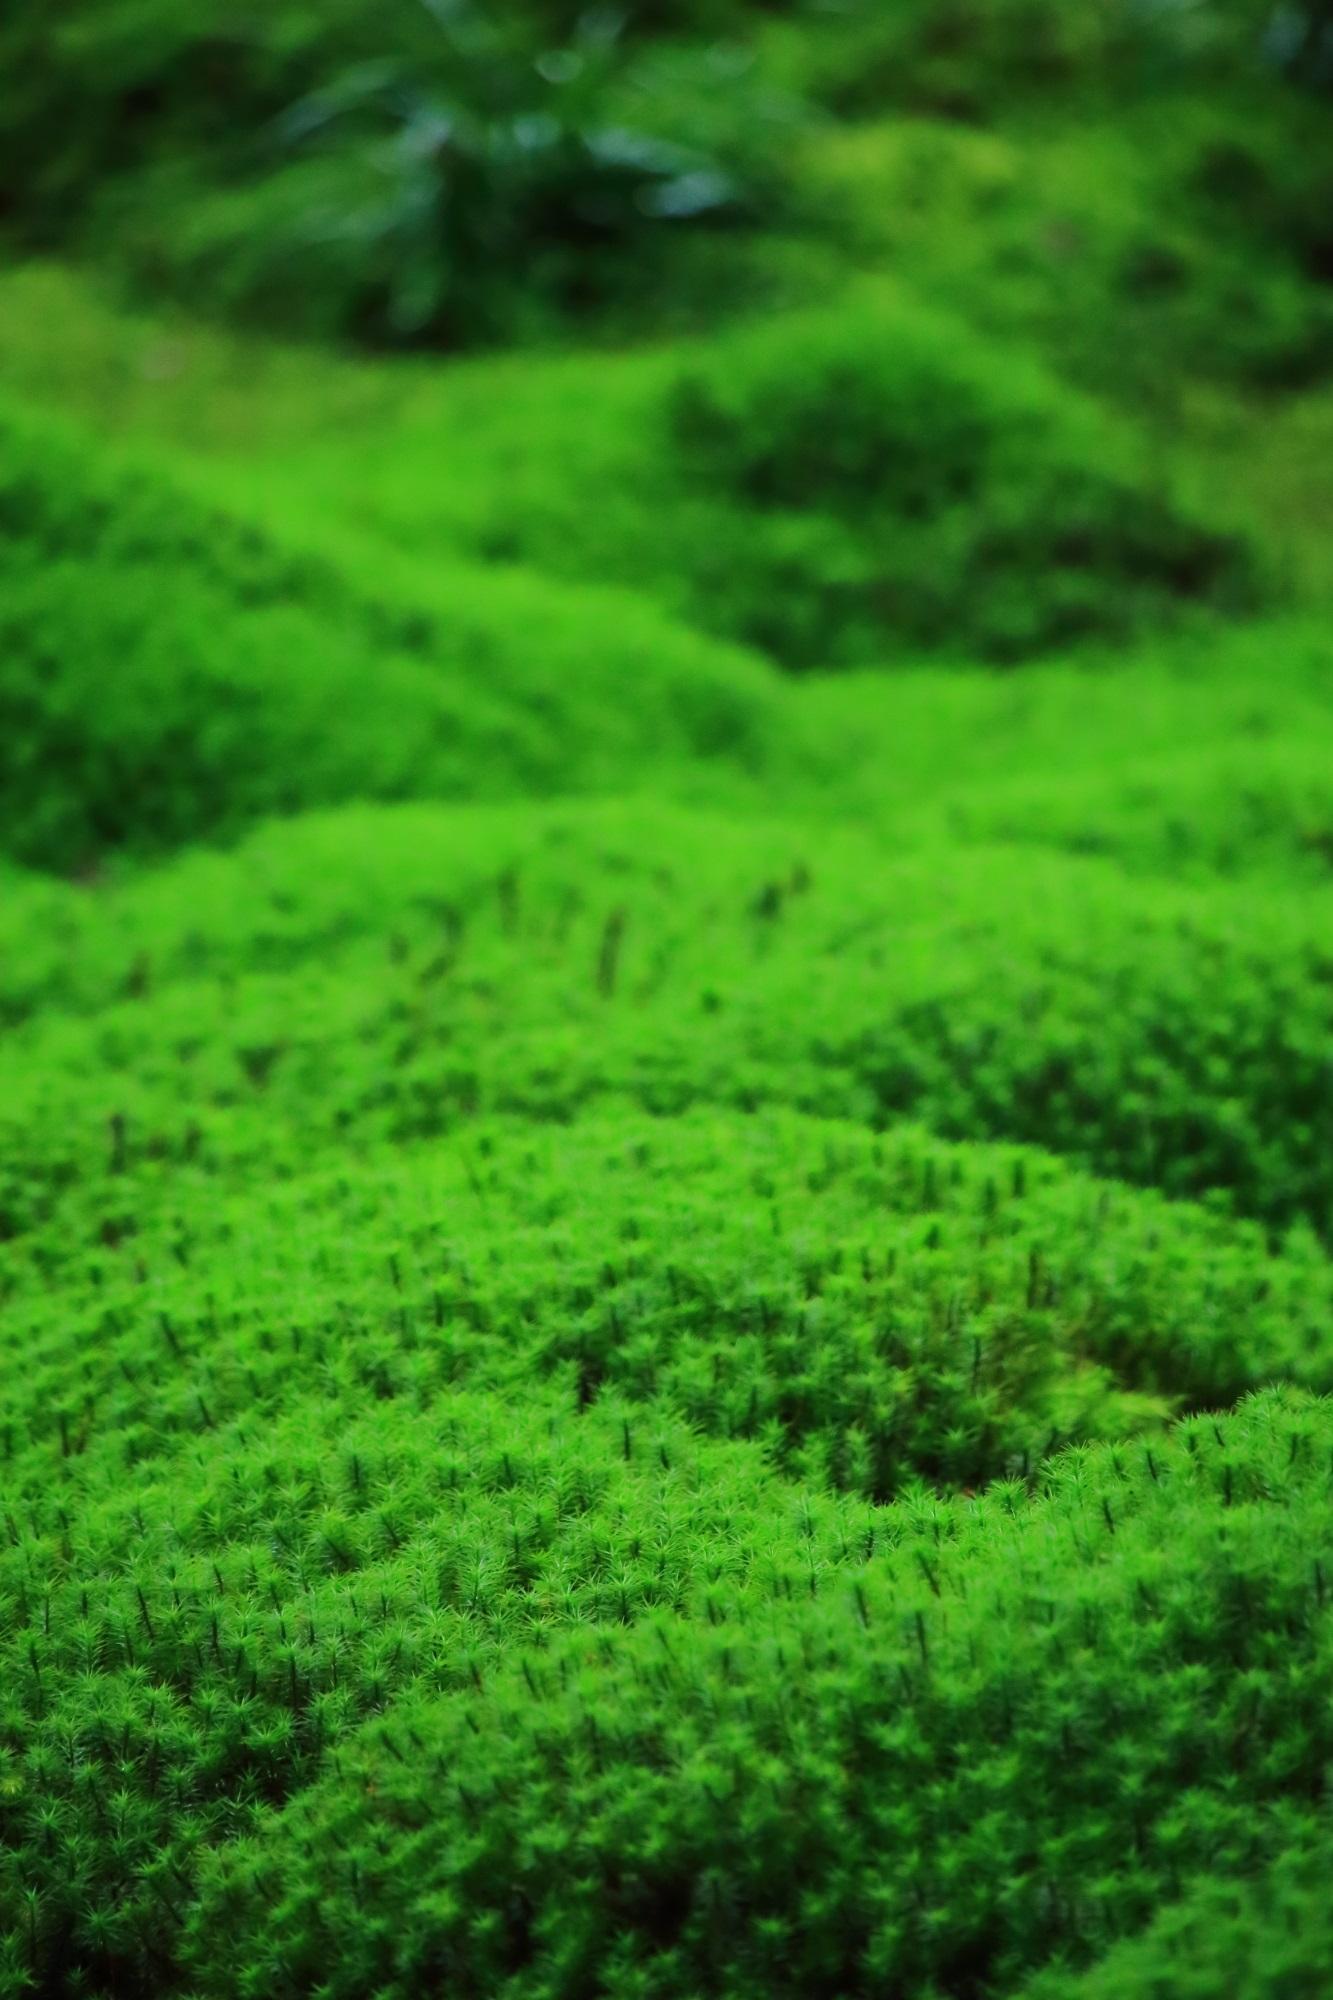 ふわふわで癒される絶品の苔